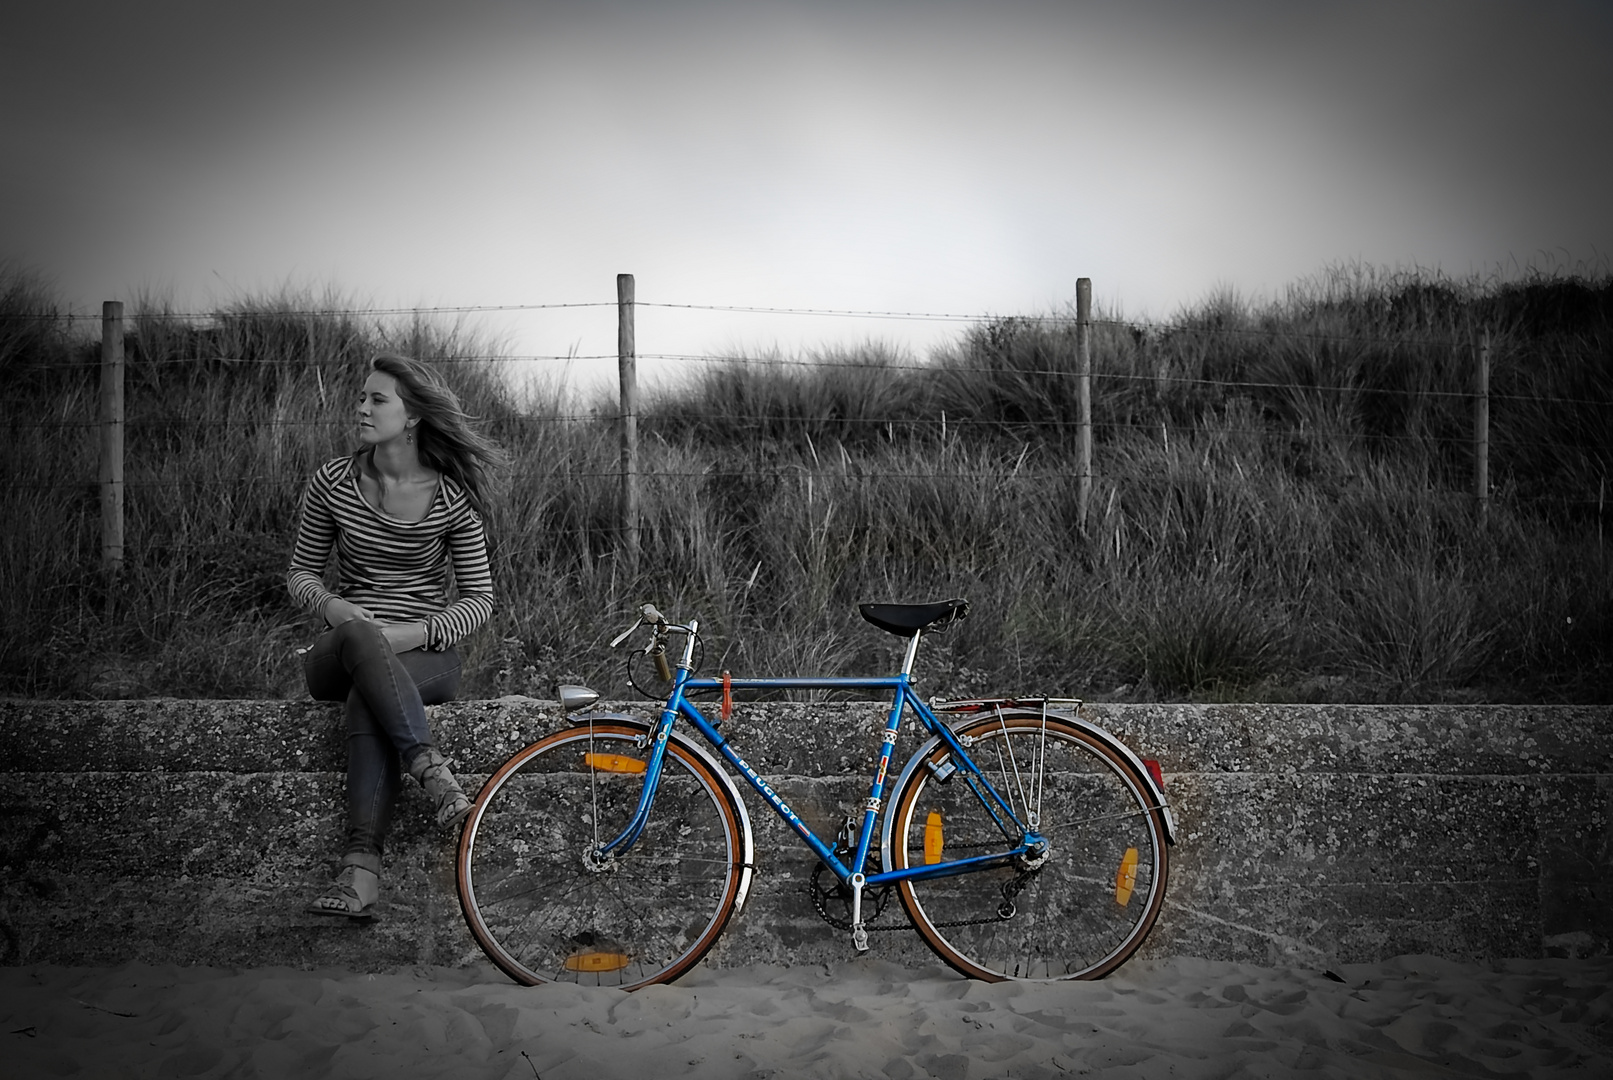 La demoiselle à la bicyclette bleue